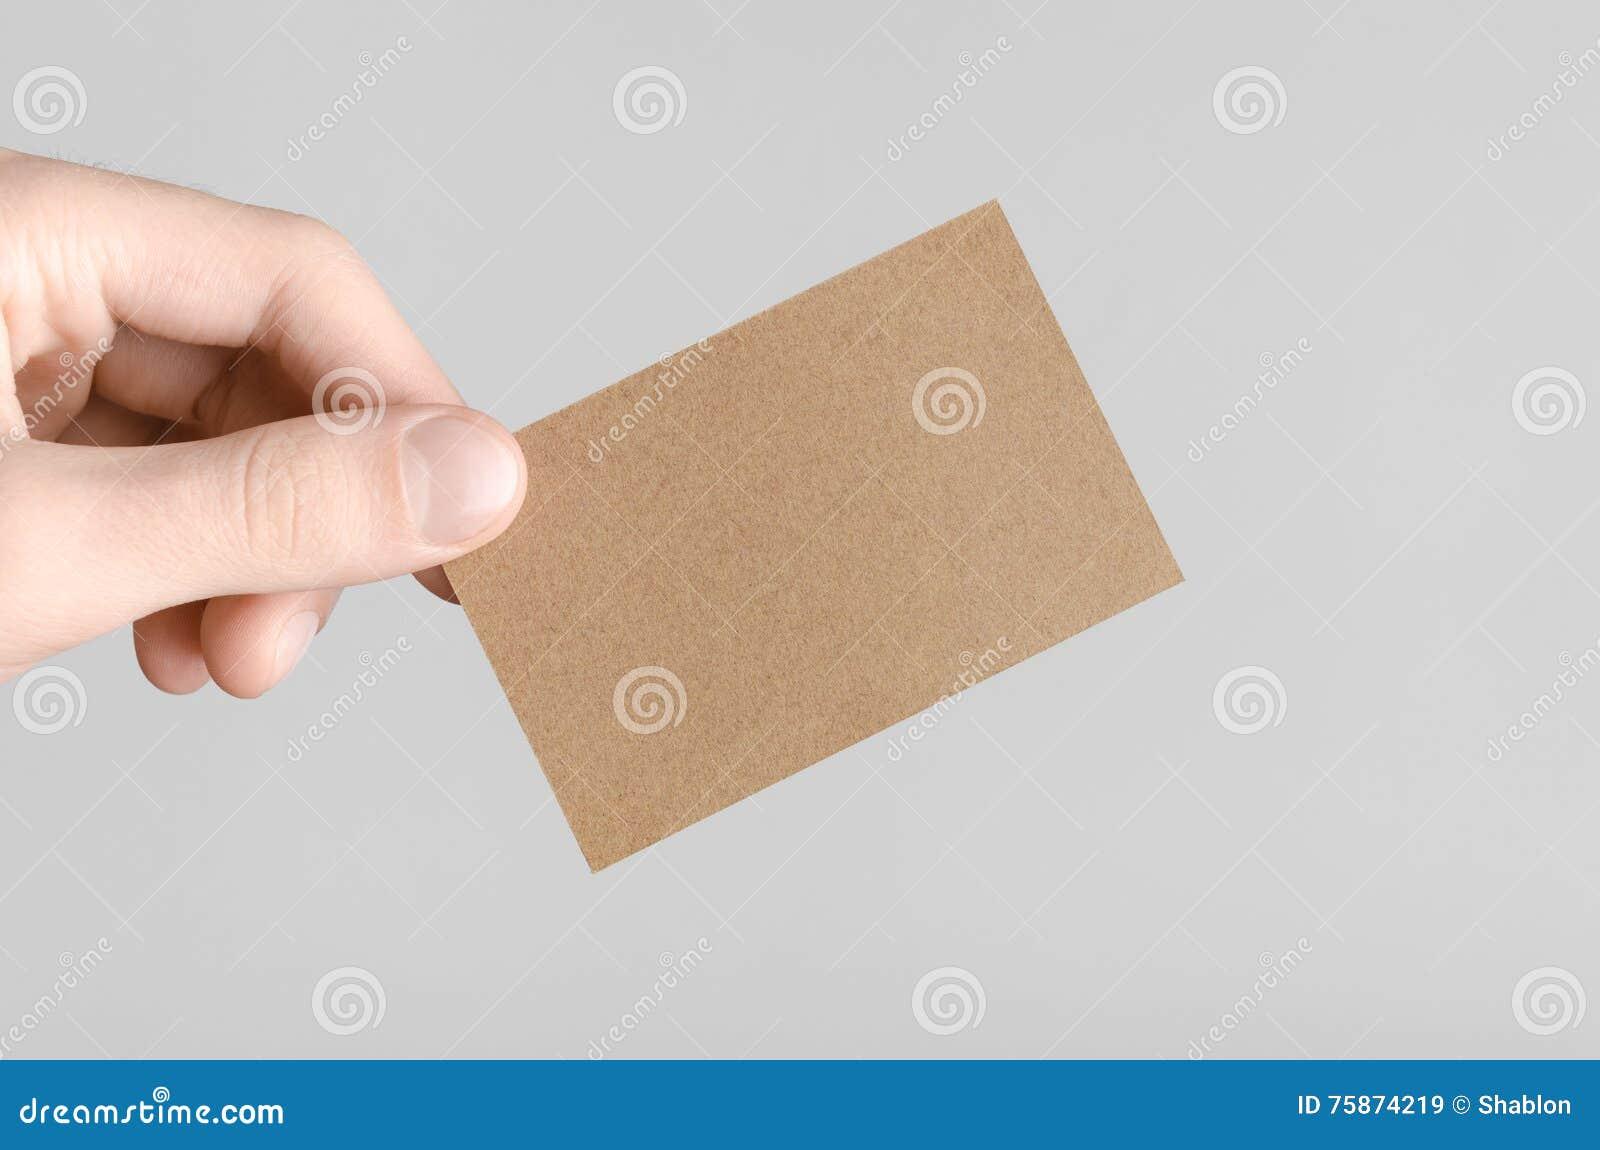 Kraftpapier Visitenkarte Modell 85x55mm Stockbild Bild